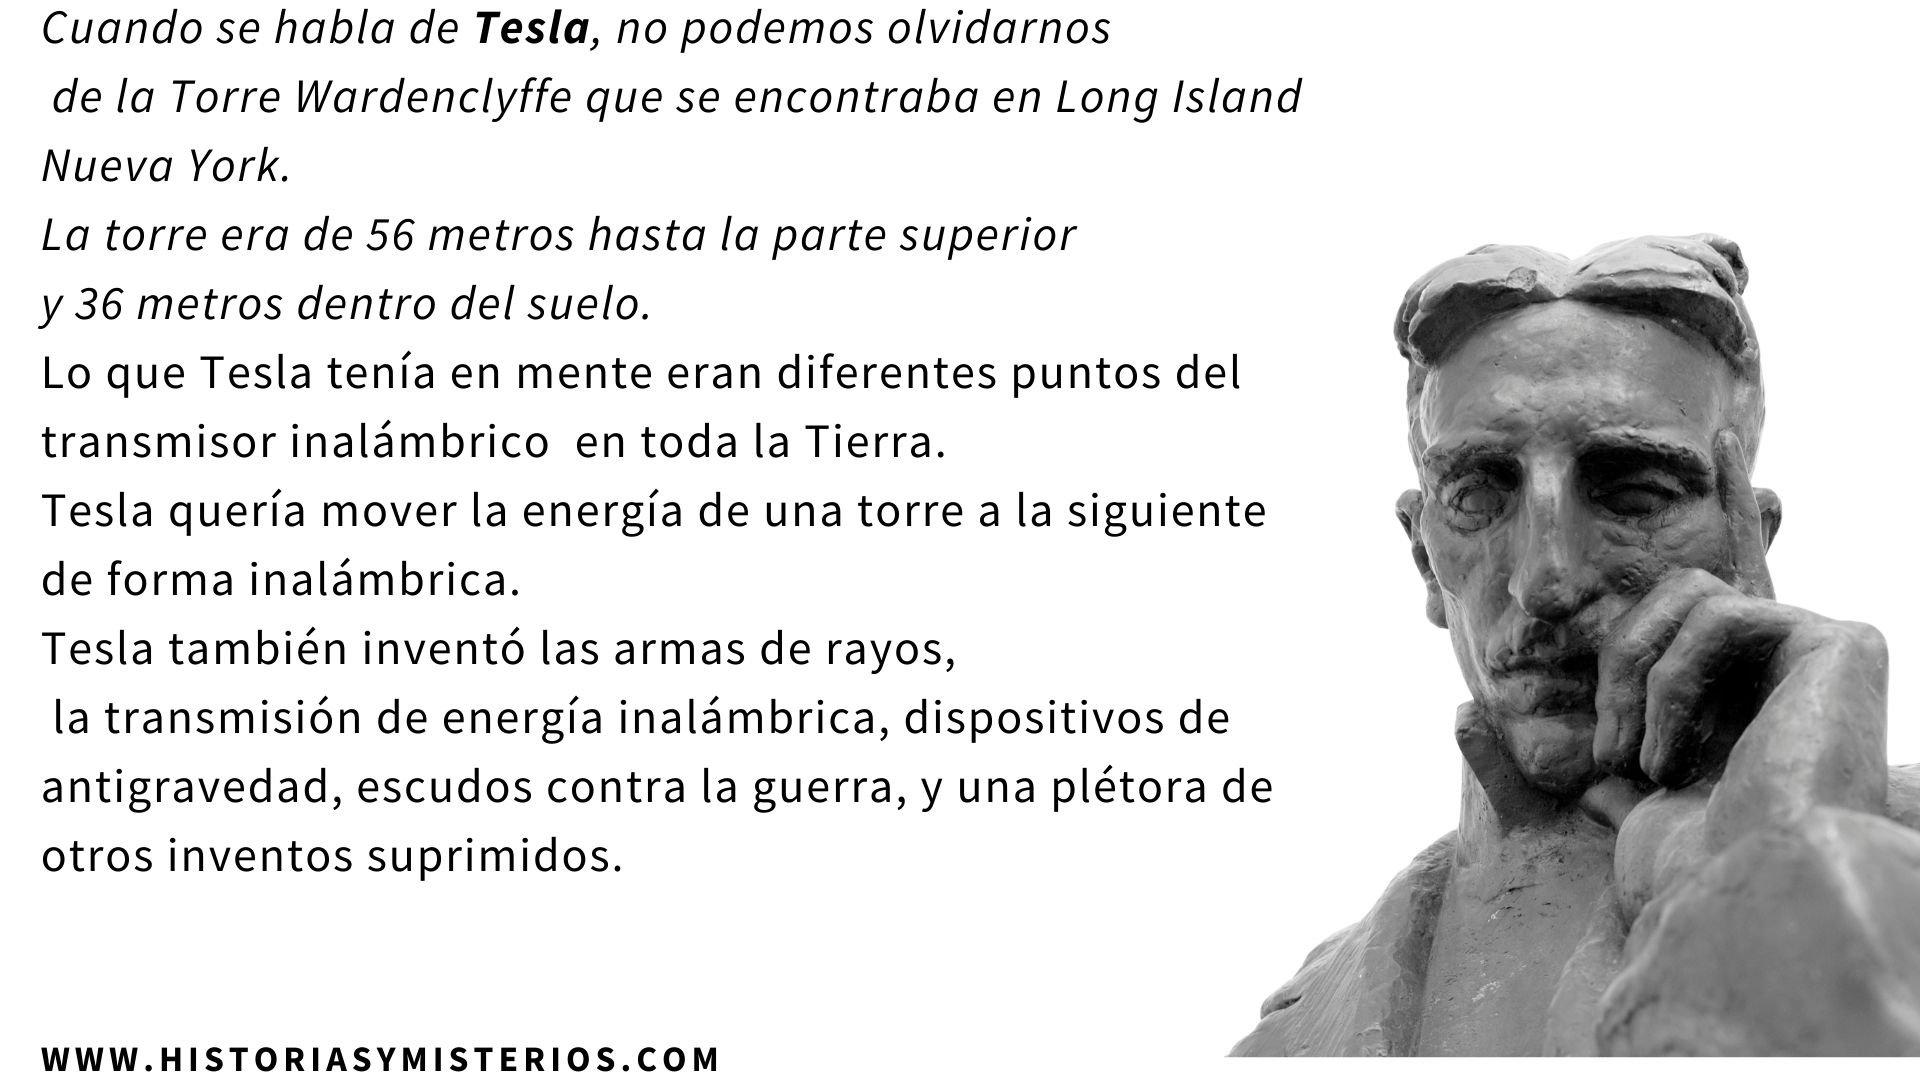 NIKOLA TESLA Y LOS EXTRATERRESTRES